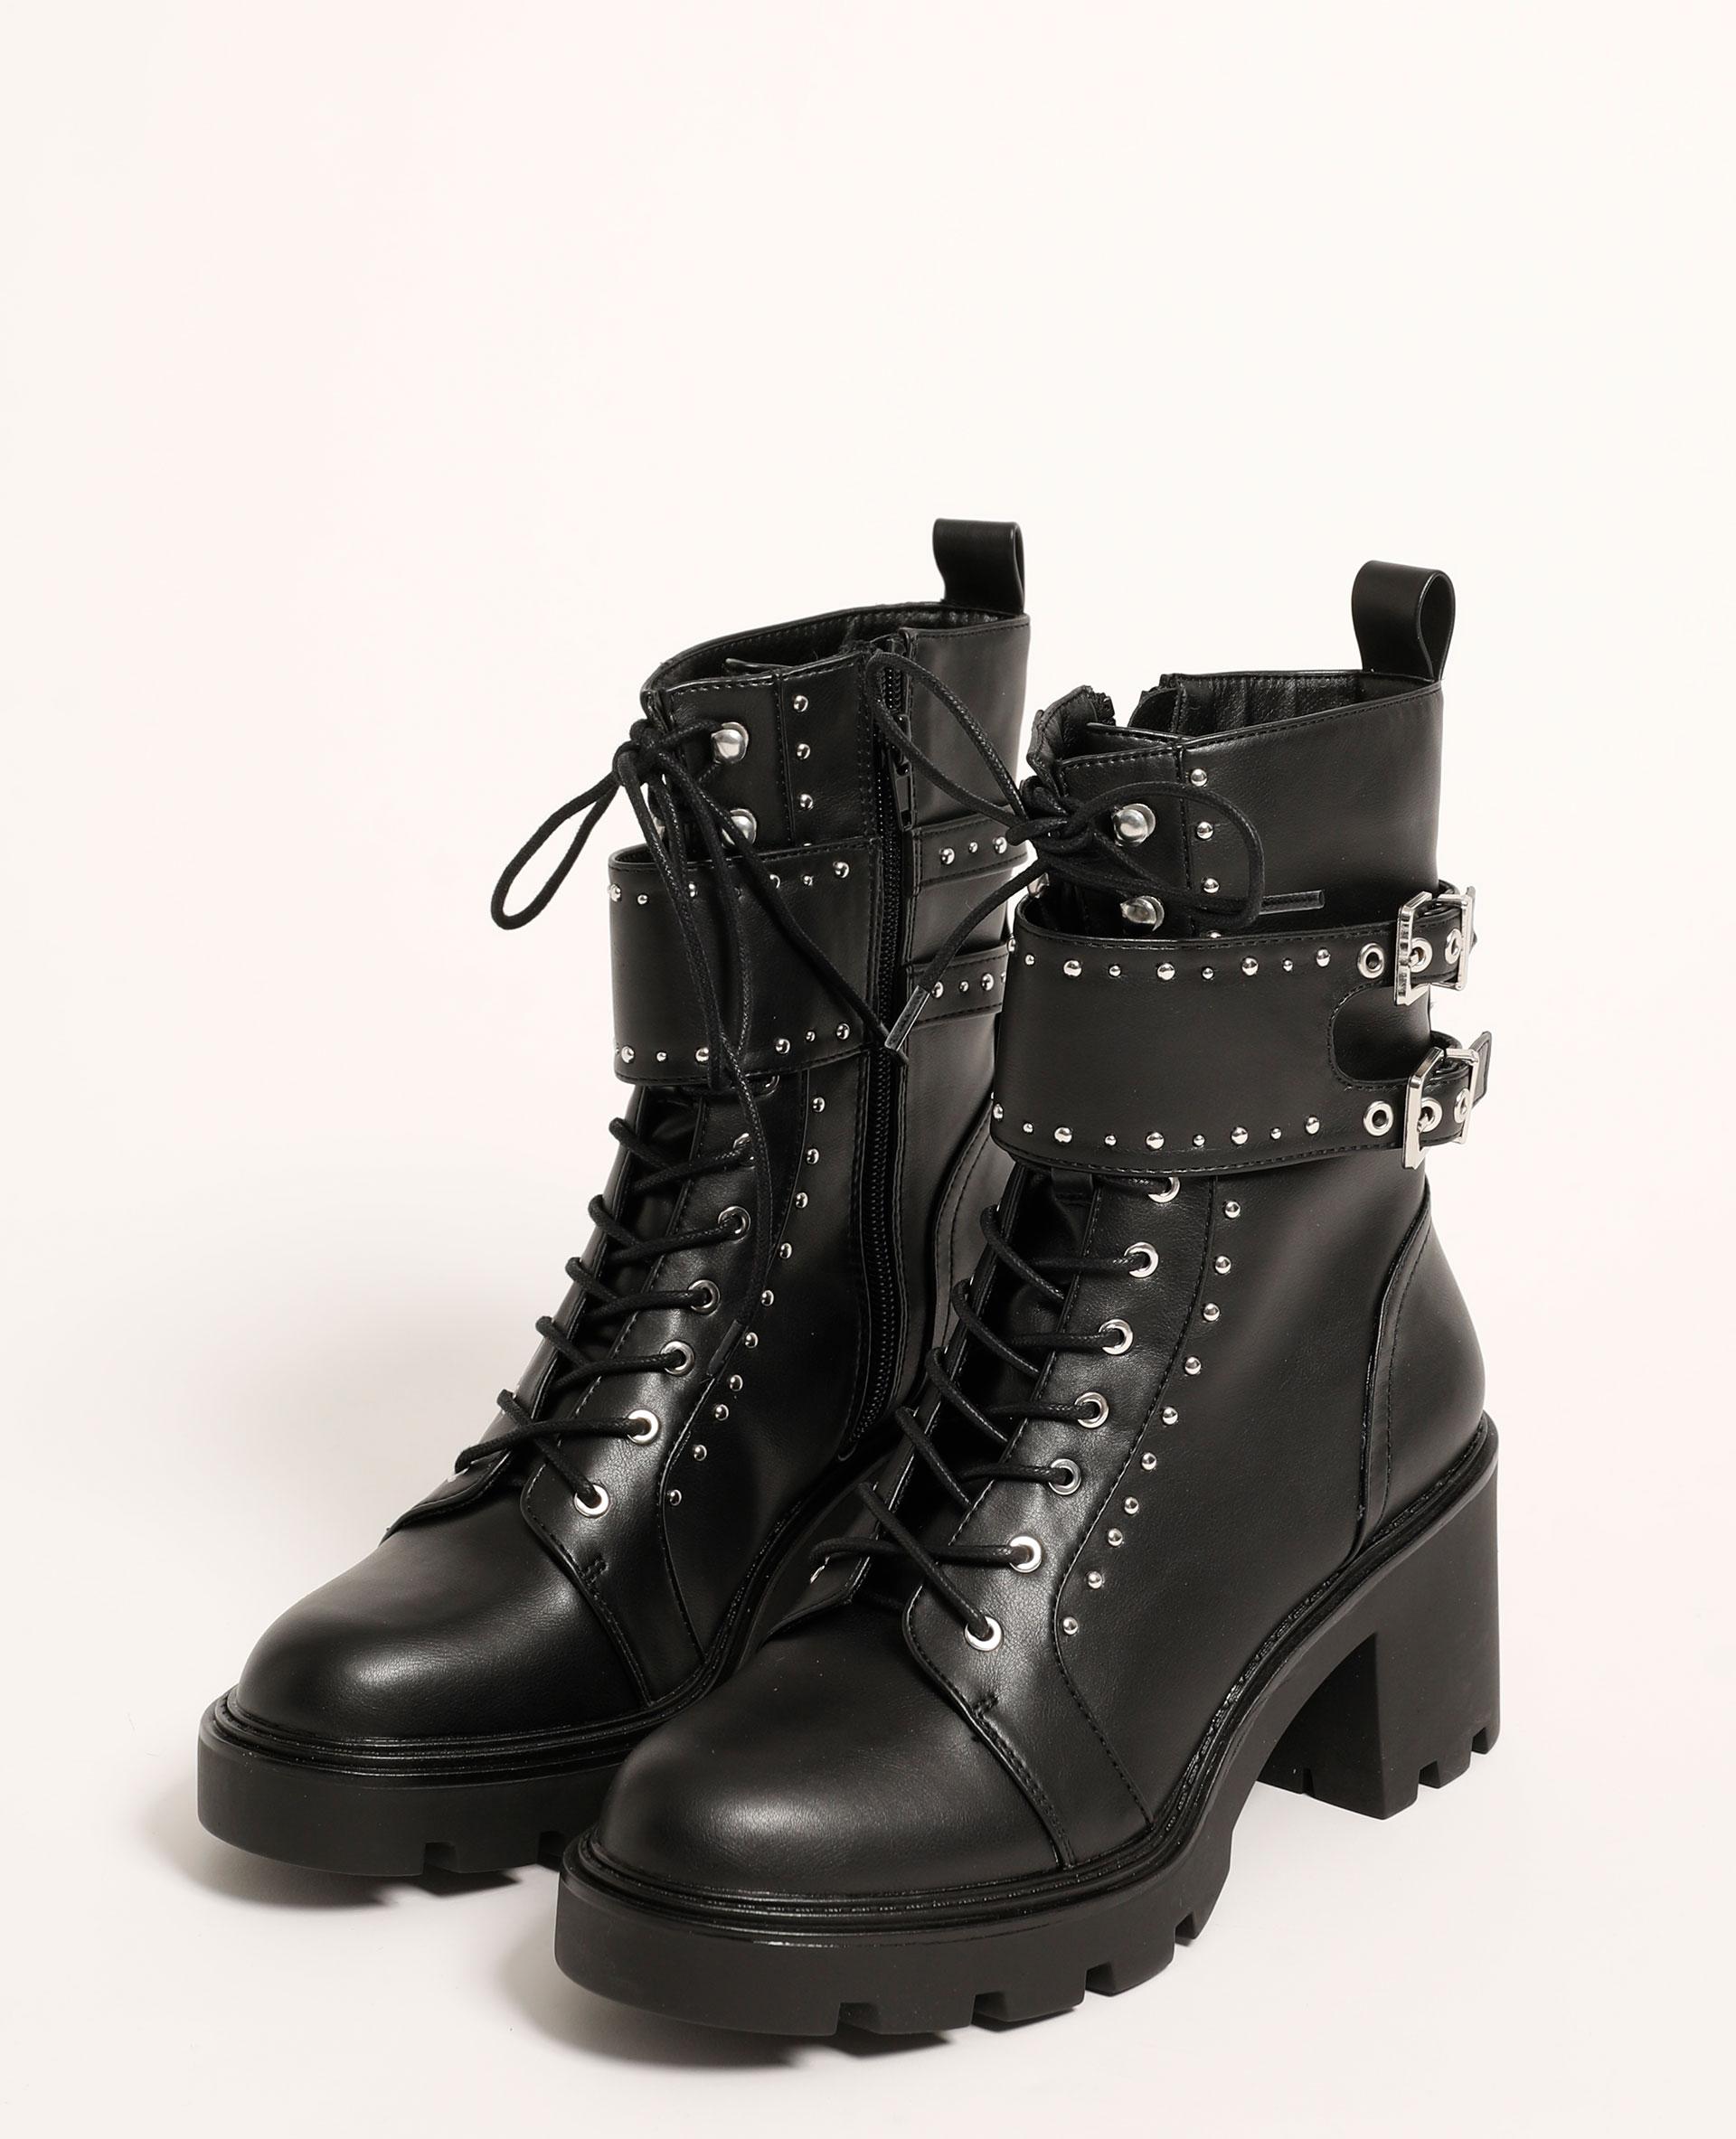 Stivali con tacco e borchie nero - Pimkie